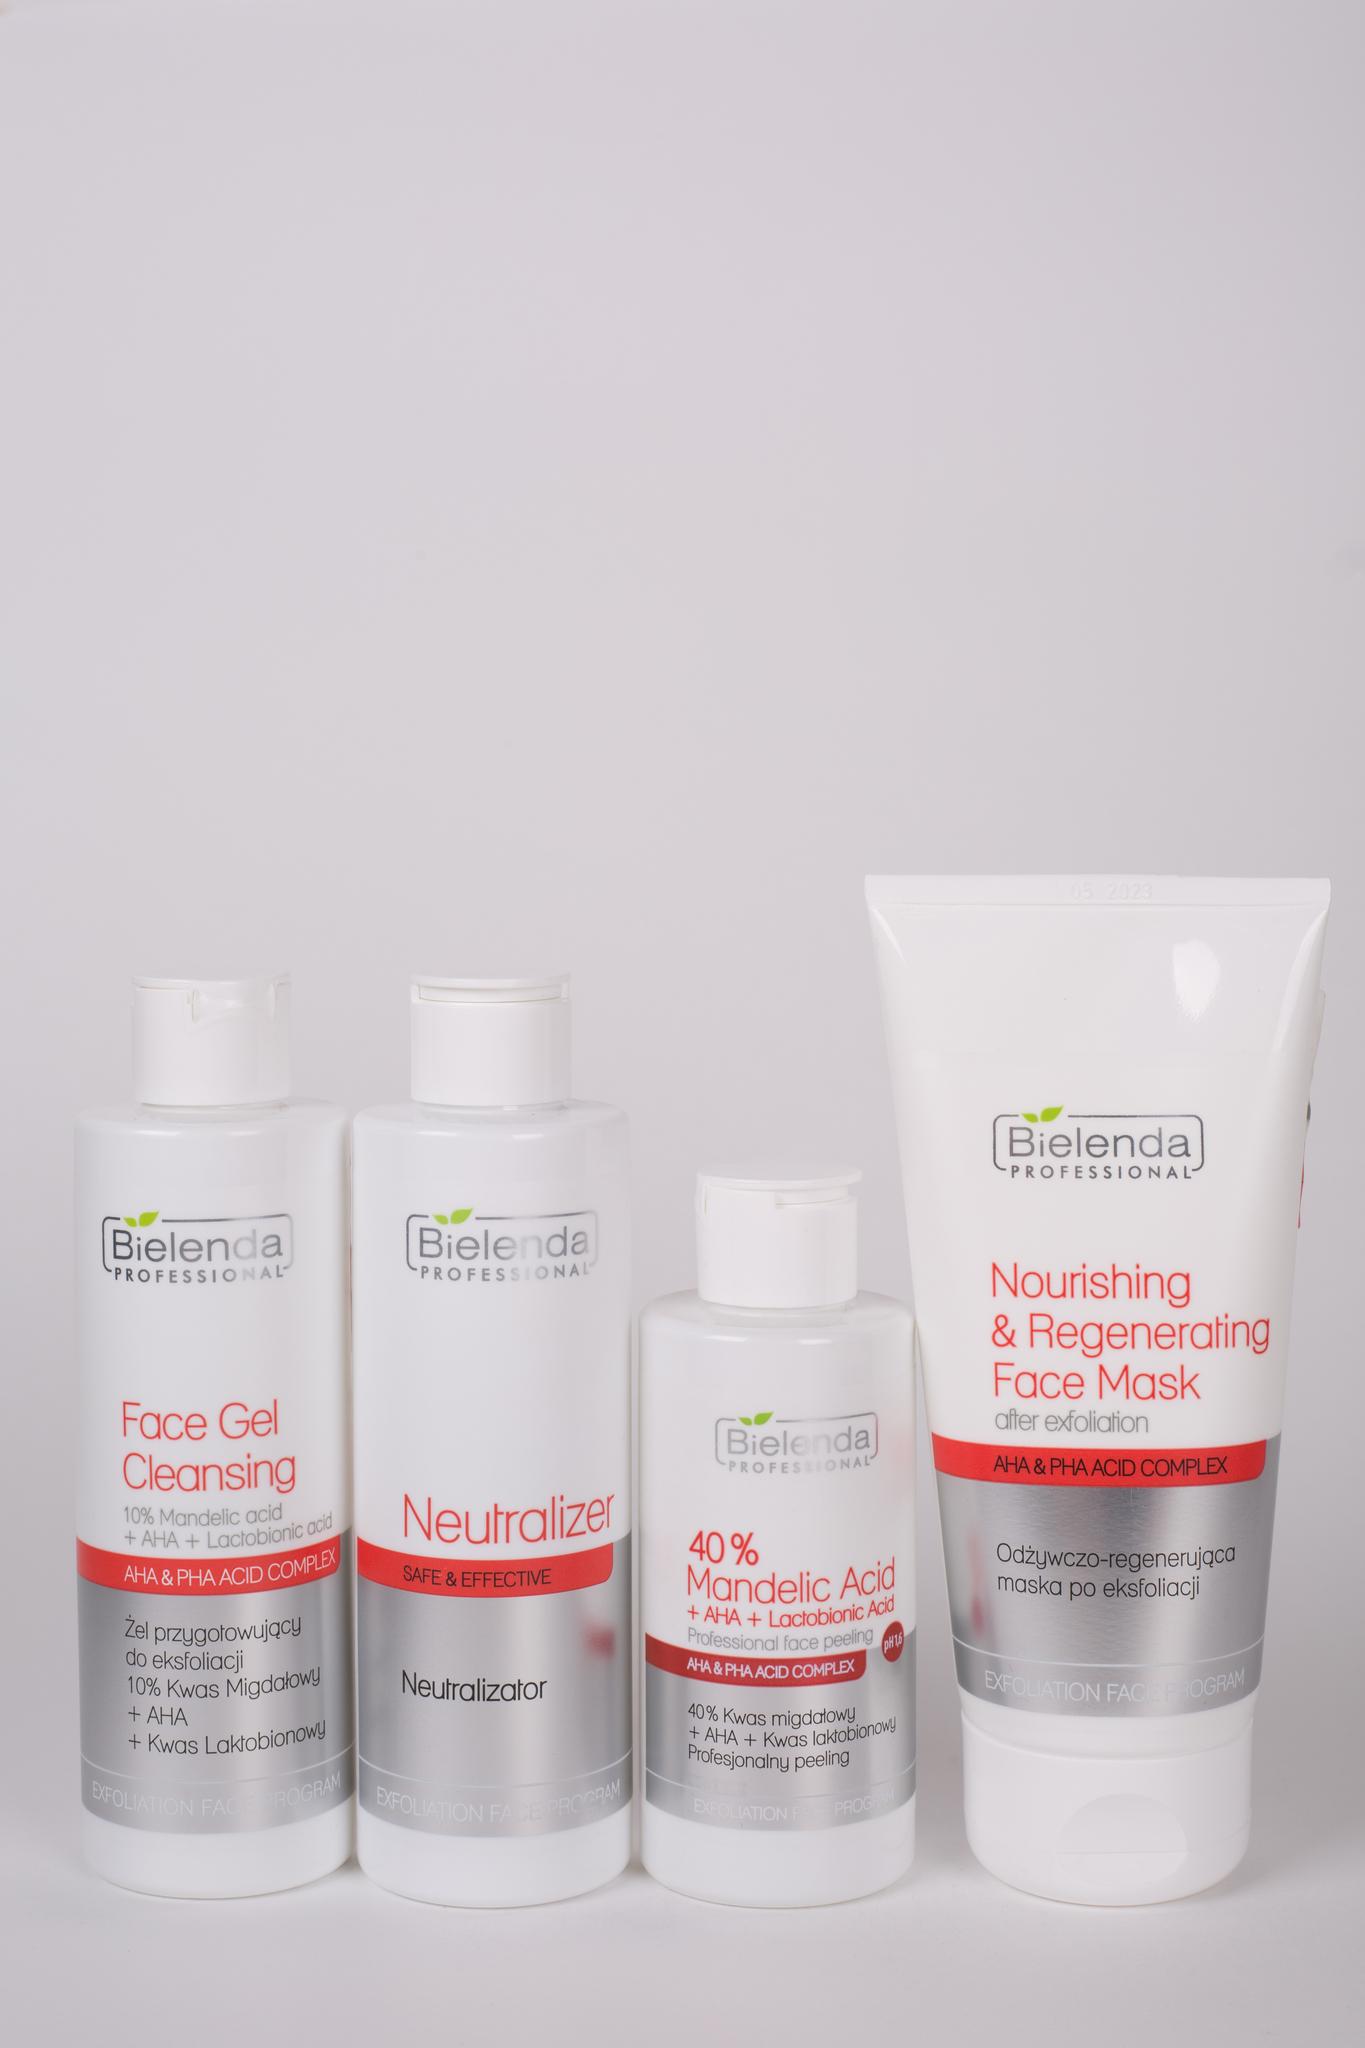 ACID, AHA, PHA Пилинг для лица для всех типов кожи  40% Миндальная кислота + PHA + AHA + Лактобионовая кислота, 150г